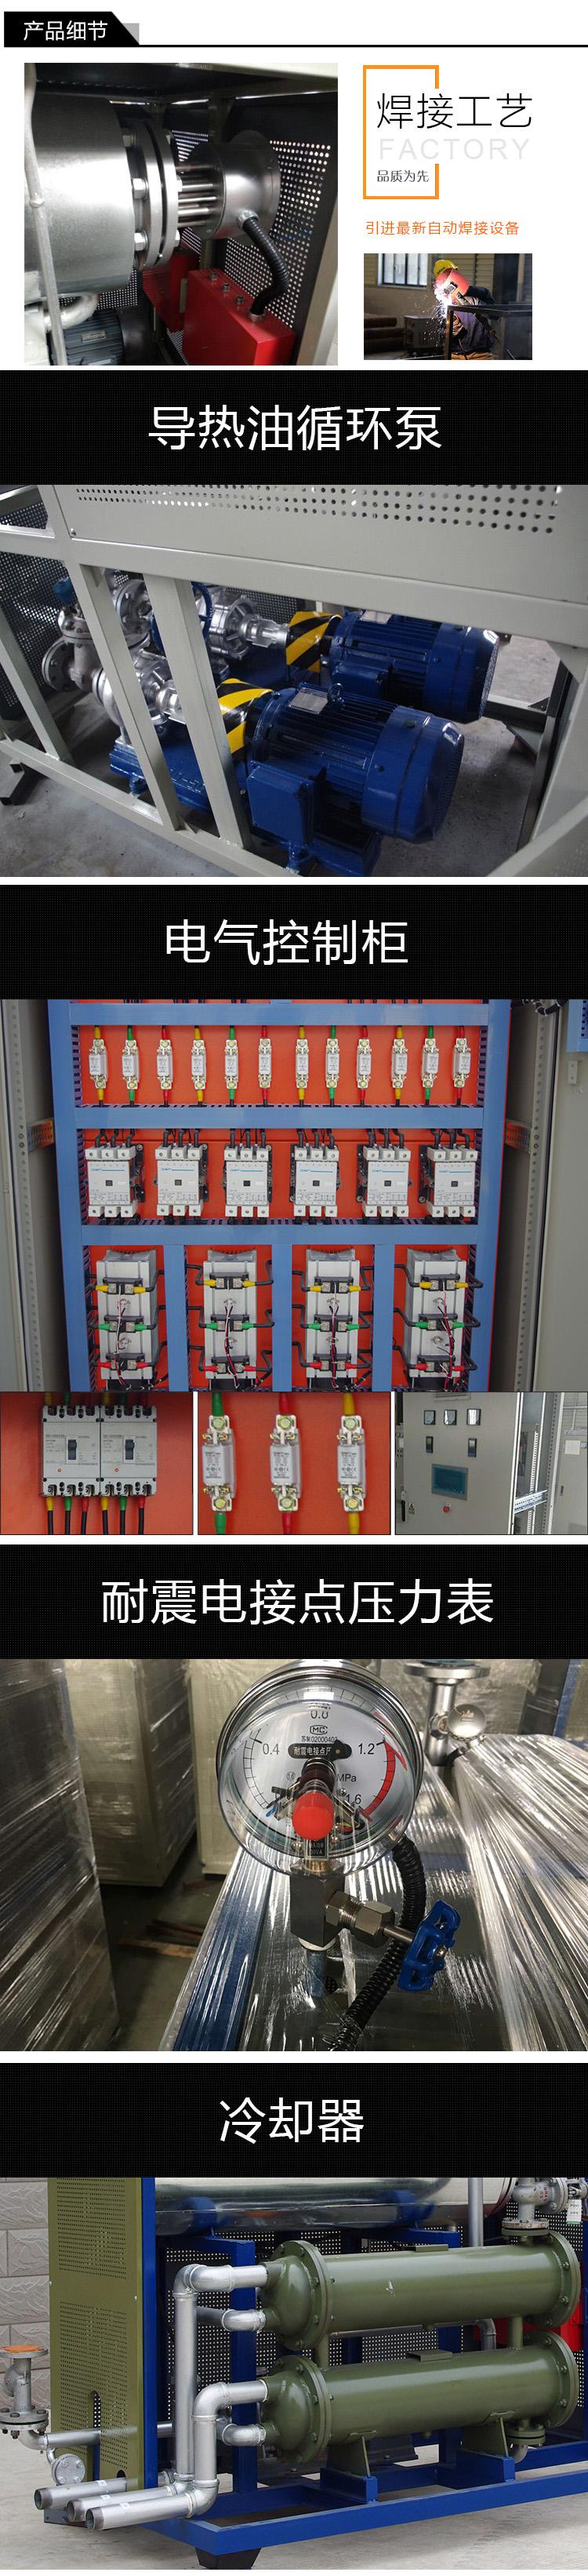 江苏瑞源厂家供应医药行业反应釜加热电加热导热油炉79014205